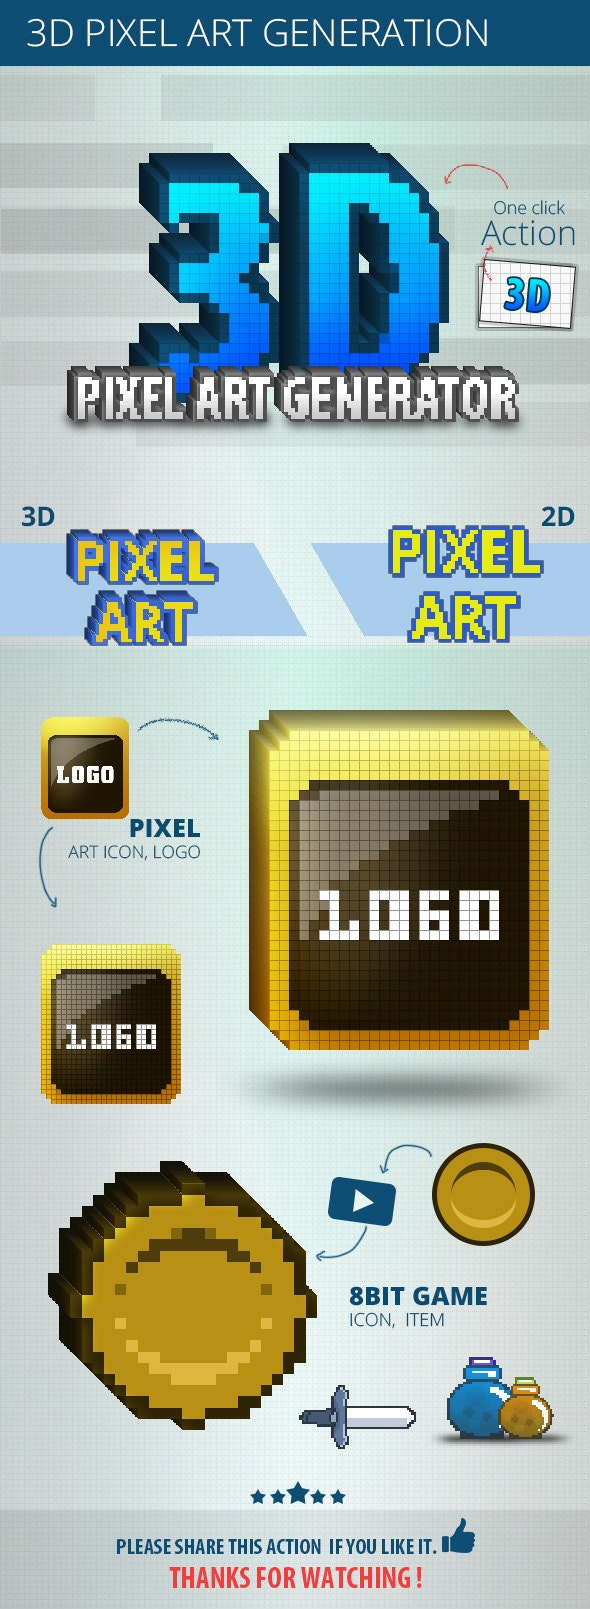 3D Pixel Art Generation - Actions Photoshop